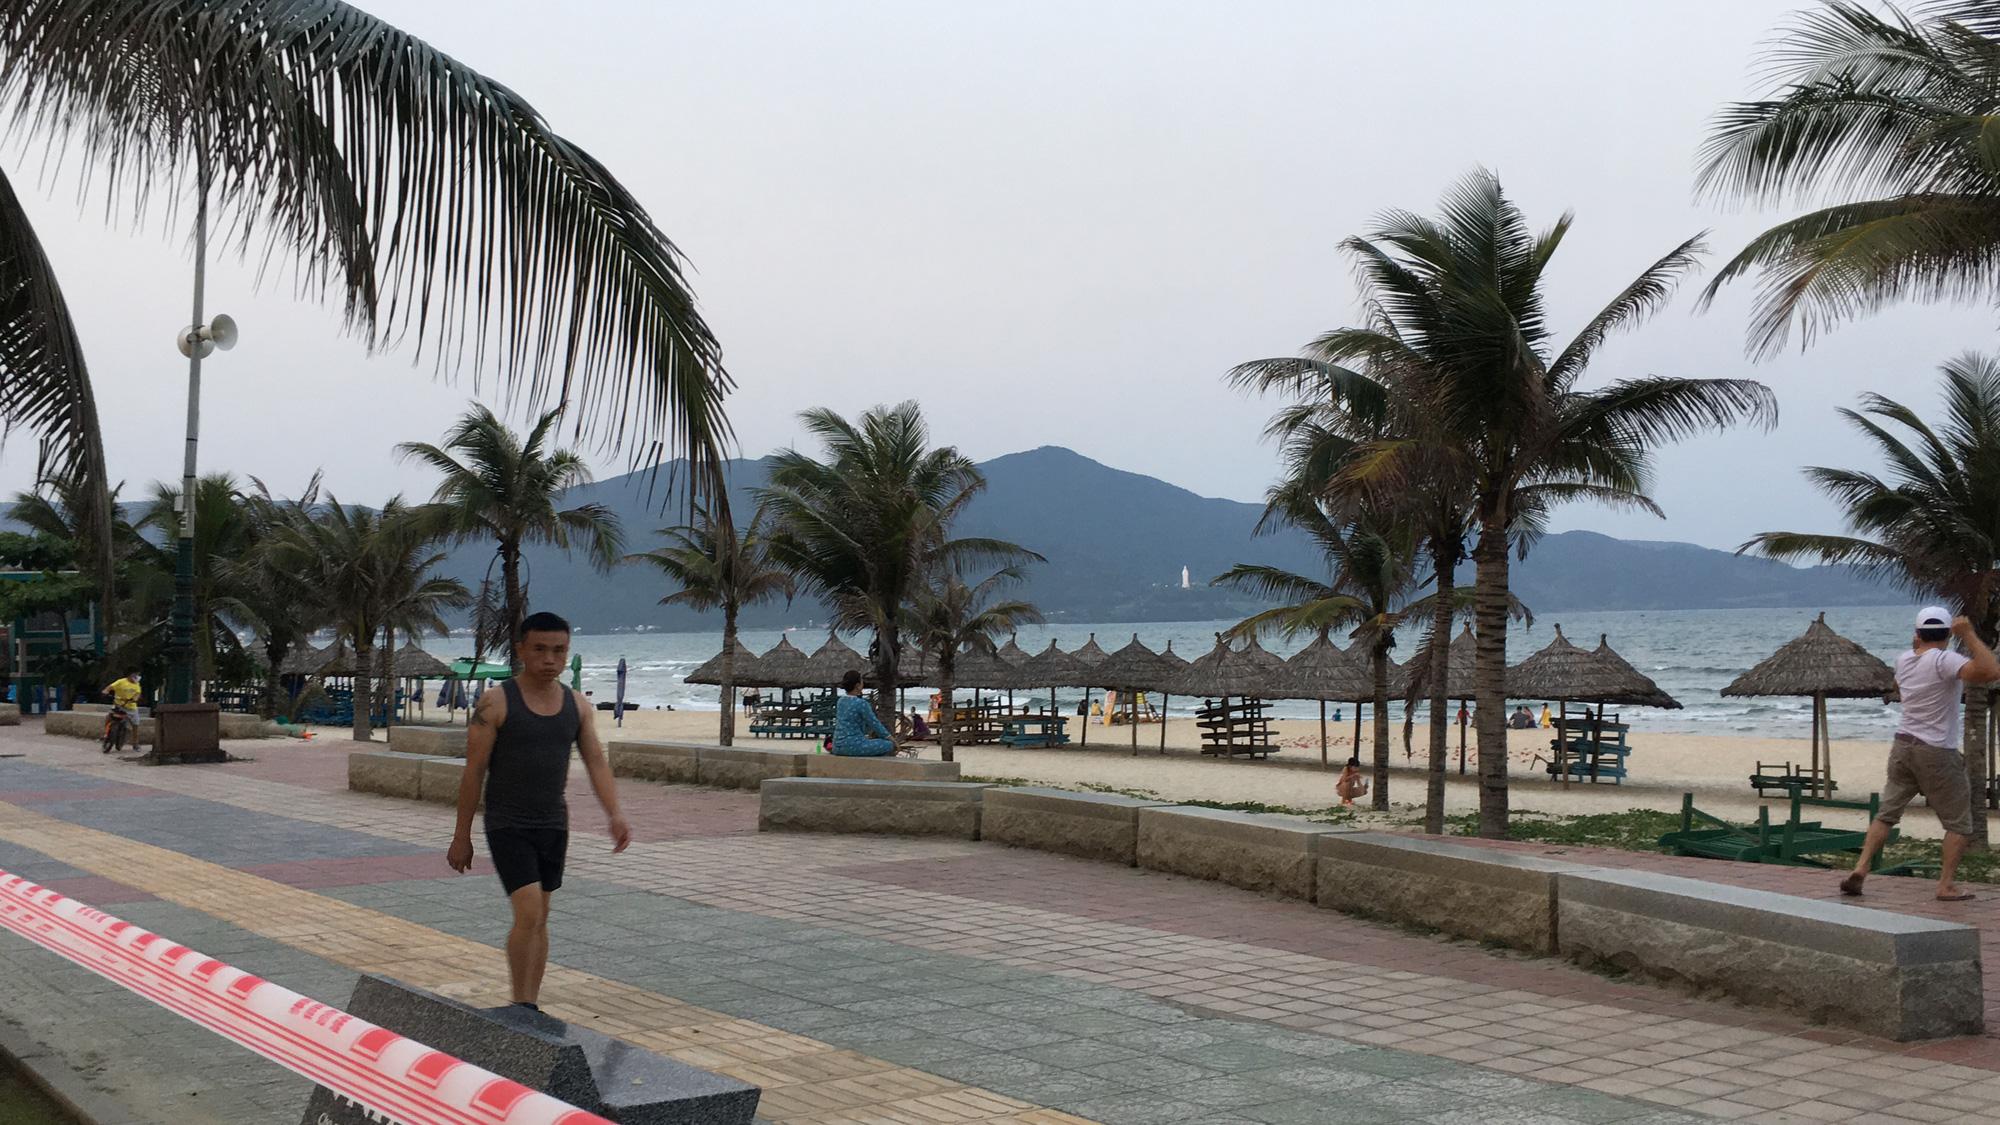 Ven biển Đà Nẵng bị rào chắn hơn 1km, các dịch vụ ngừng hoạt động hàng loạt để phòng dịch Covid-19 - Ảnh 18.